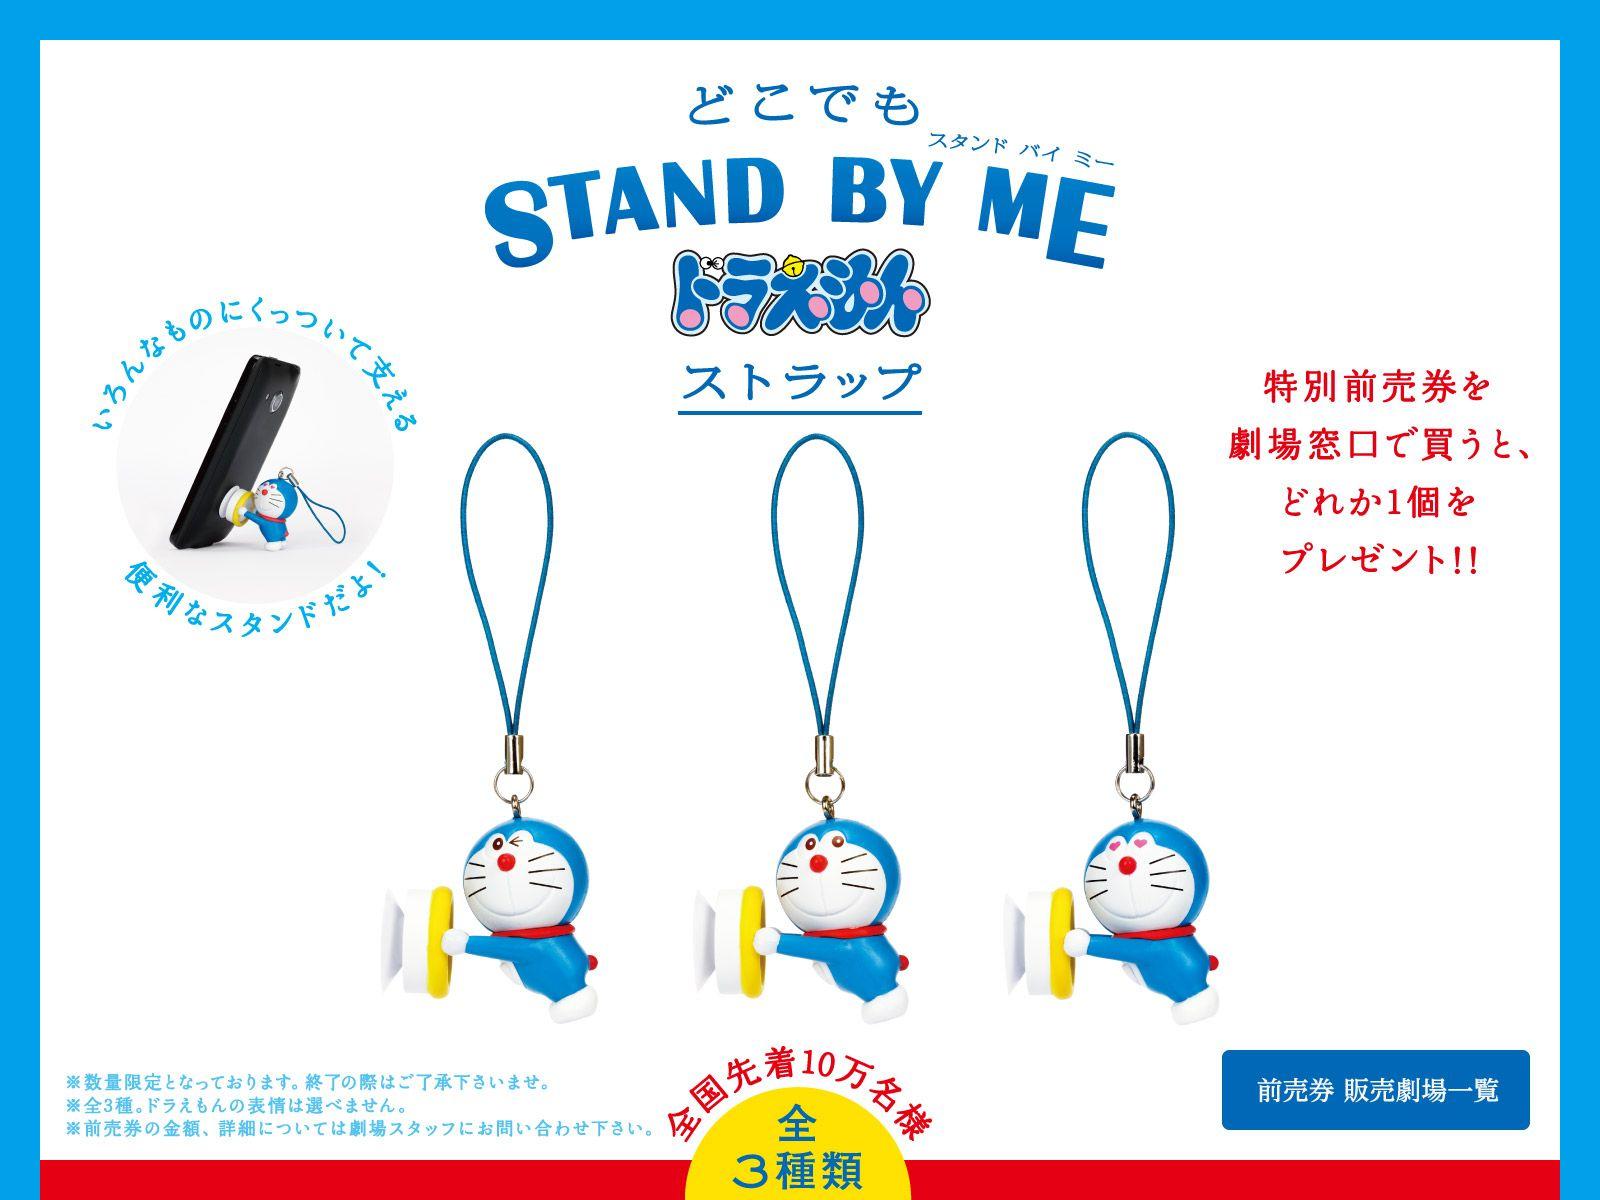 2014年 夏 公開 映画 stand by me ドラえもん 公式サイト stand by me ドラえもん ドラえもん 壁紙 ドラえもん